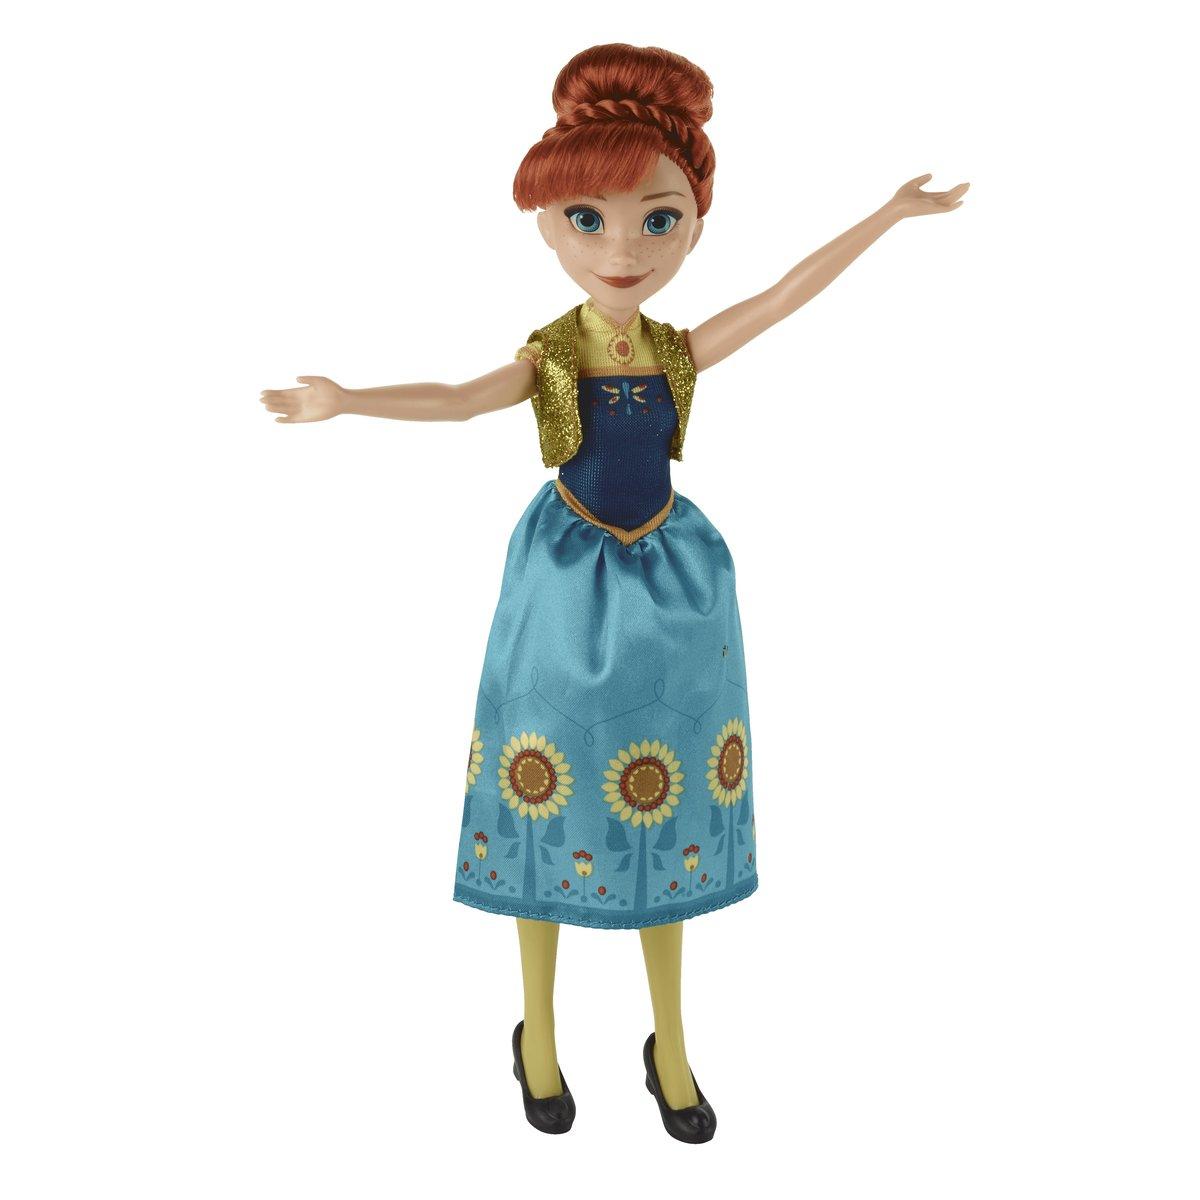 迪士尼《魔雪奇緣》Anna公主 經典時裝玩偶